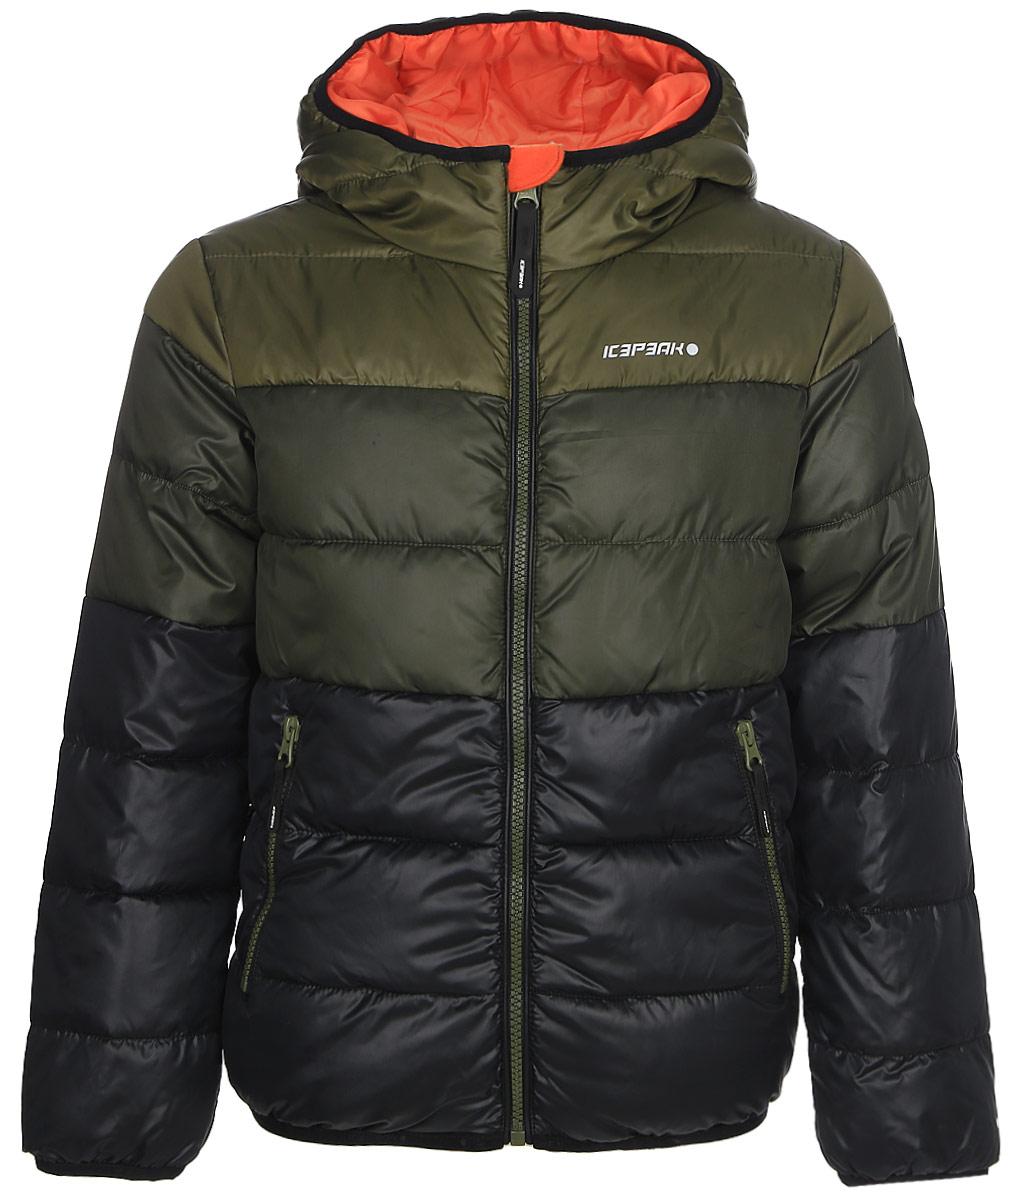 Куртка для мальчика Icepeak, цвет: оливковый. 850011507IV_572. Размер 164850011507IV_572Куртка для мальчика Icepeak выполнена из полиэстера. Модель с капюшоном застегивается на молнию.